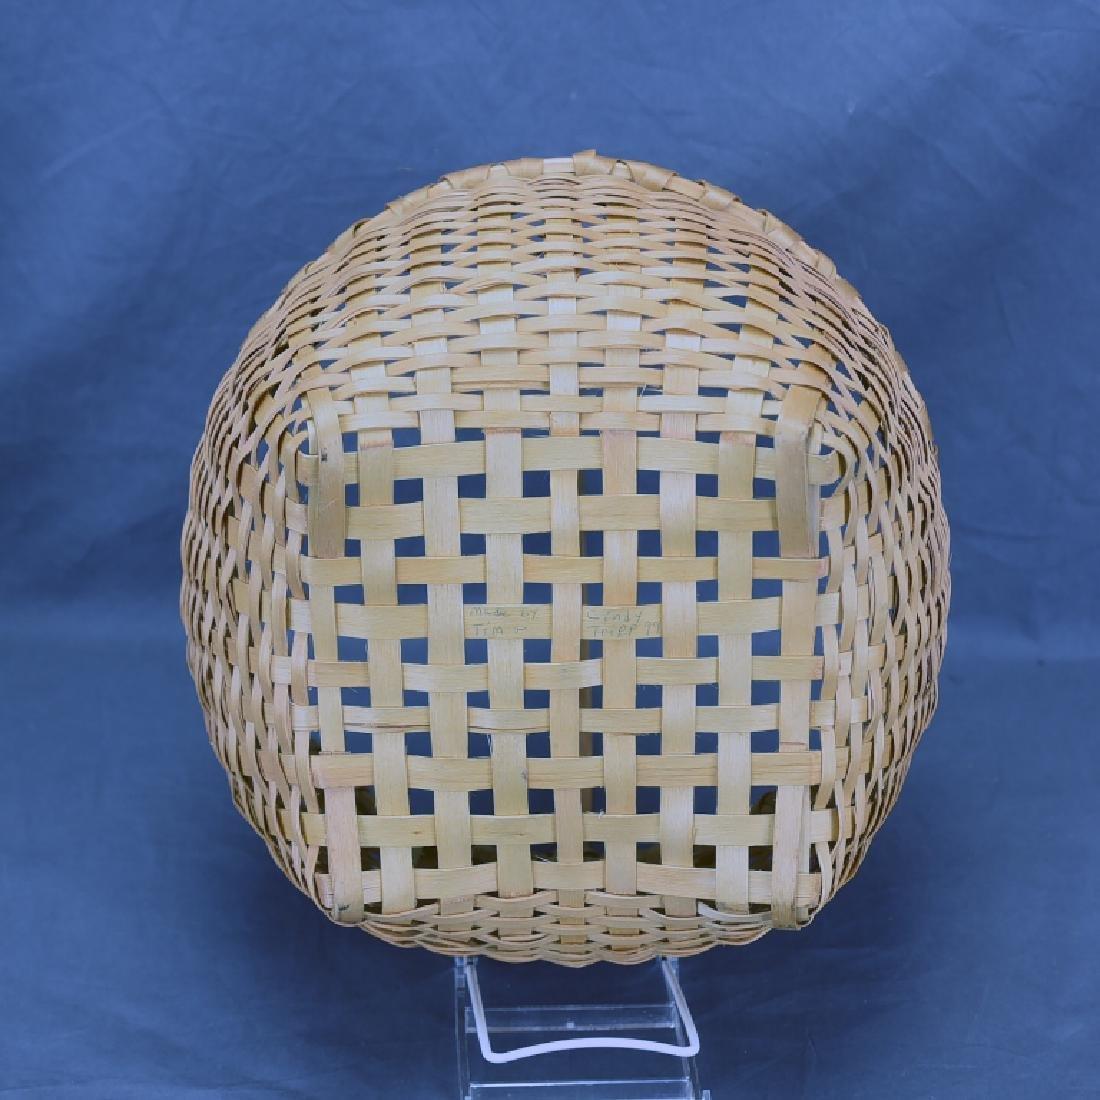 2 Splint Market Baskets - 10